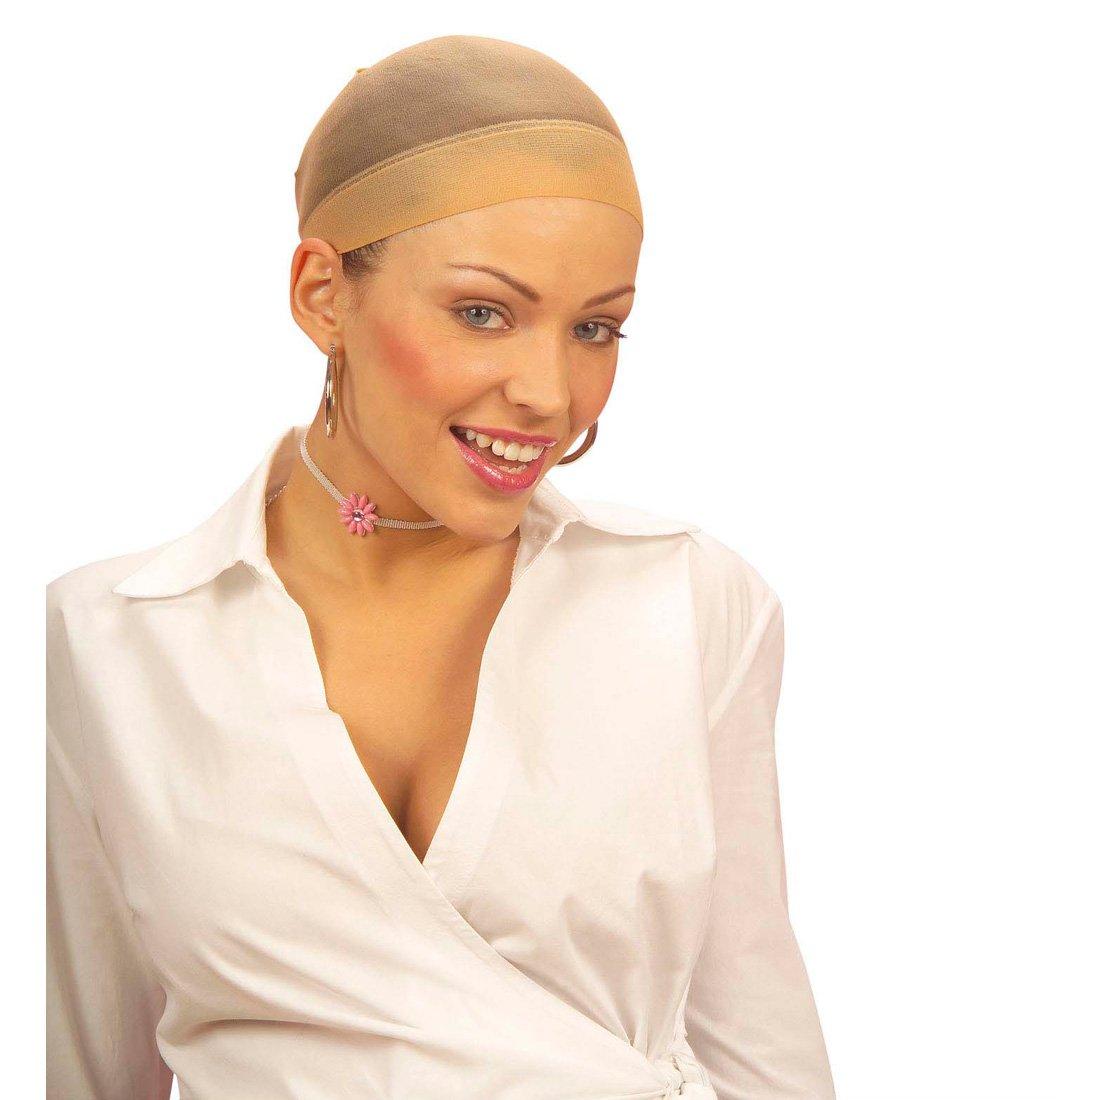 Cuffia per capelli da indossare sotto la parrucca - retina per contenere capelli di qualsiasi lunghezza NET TOYS